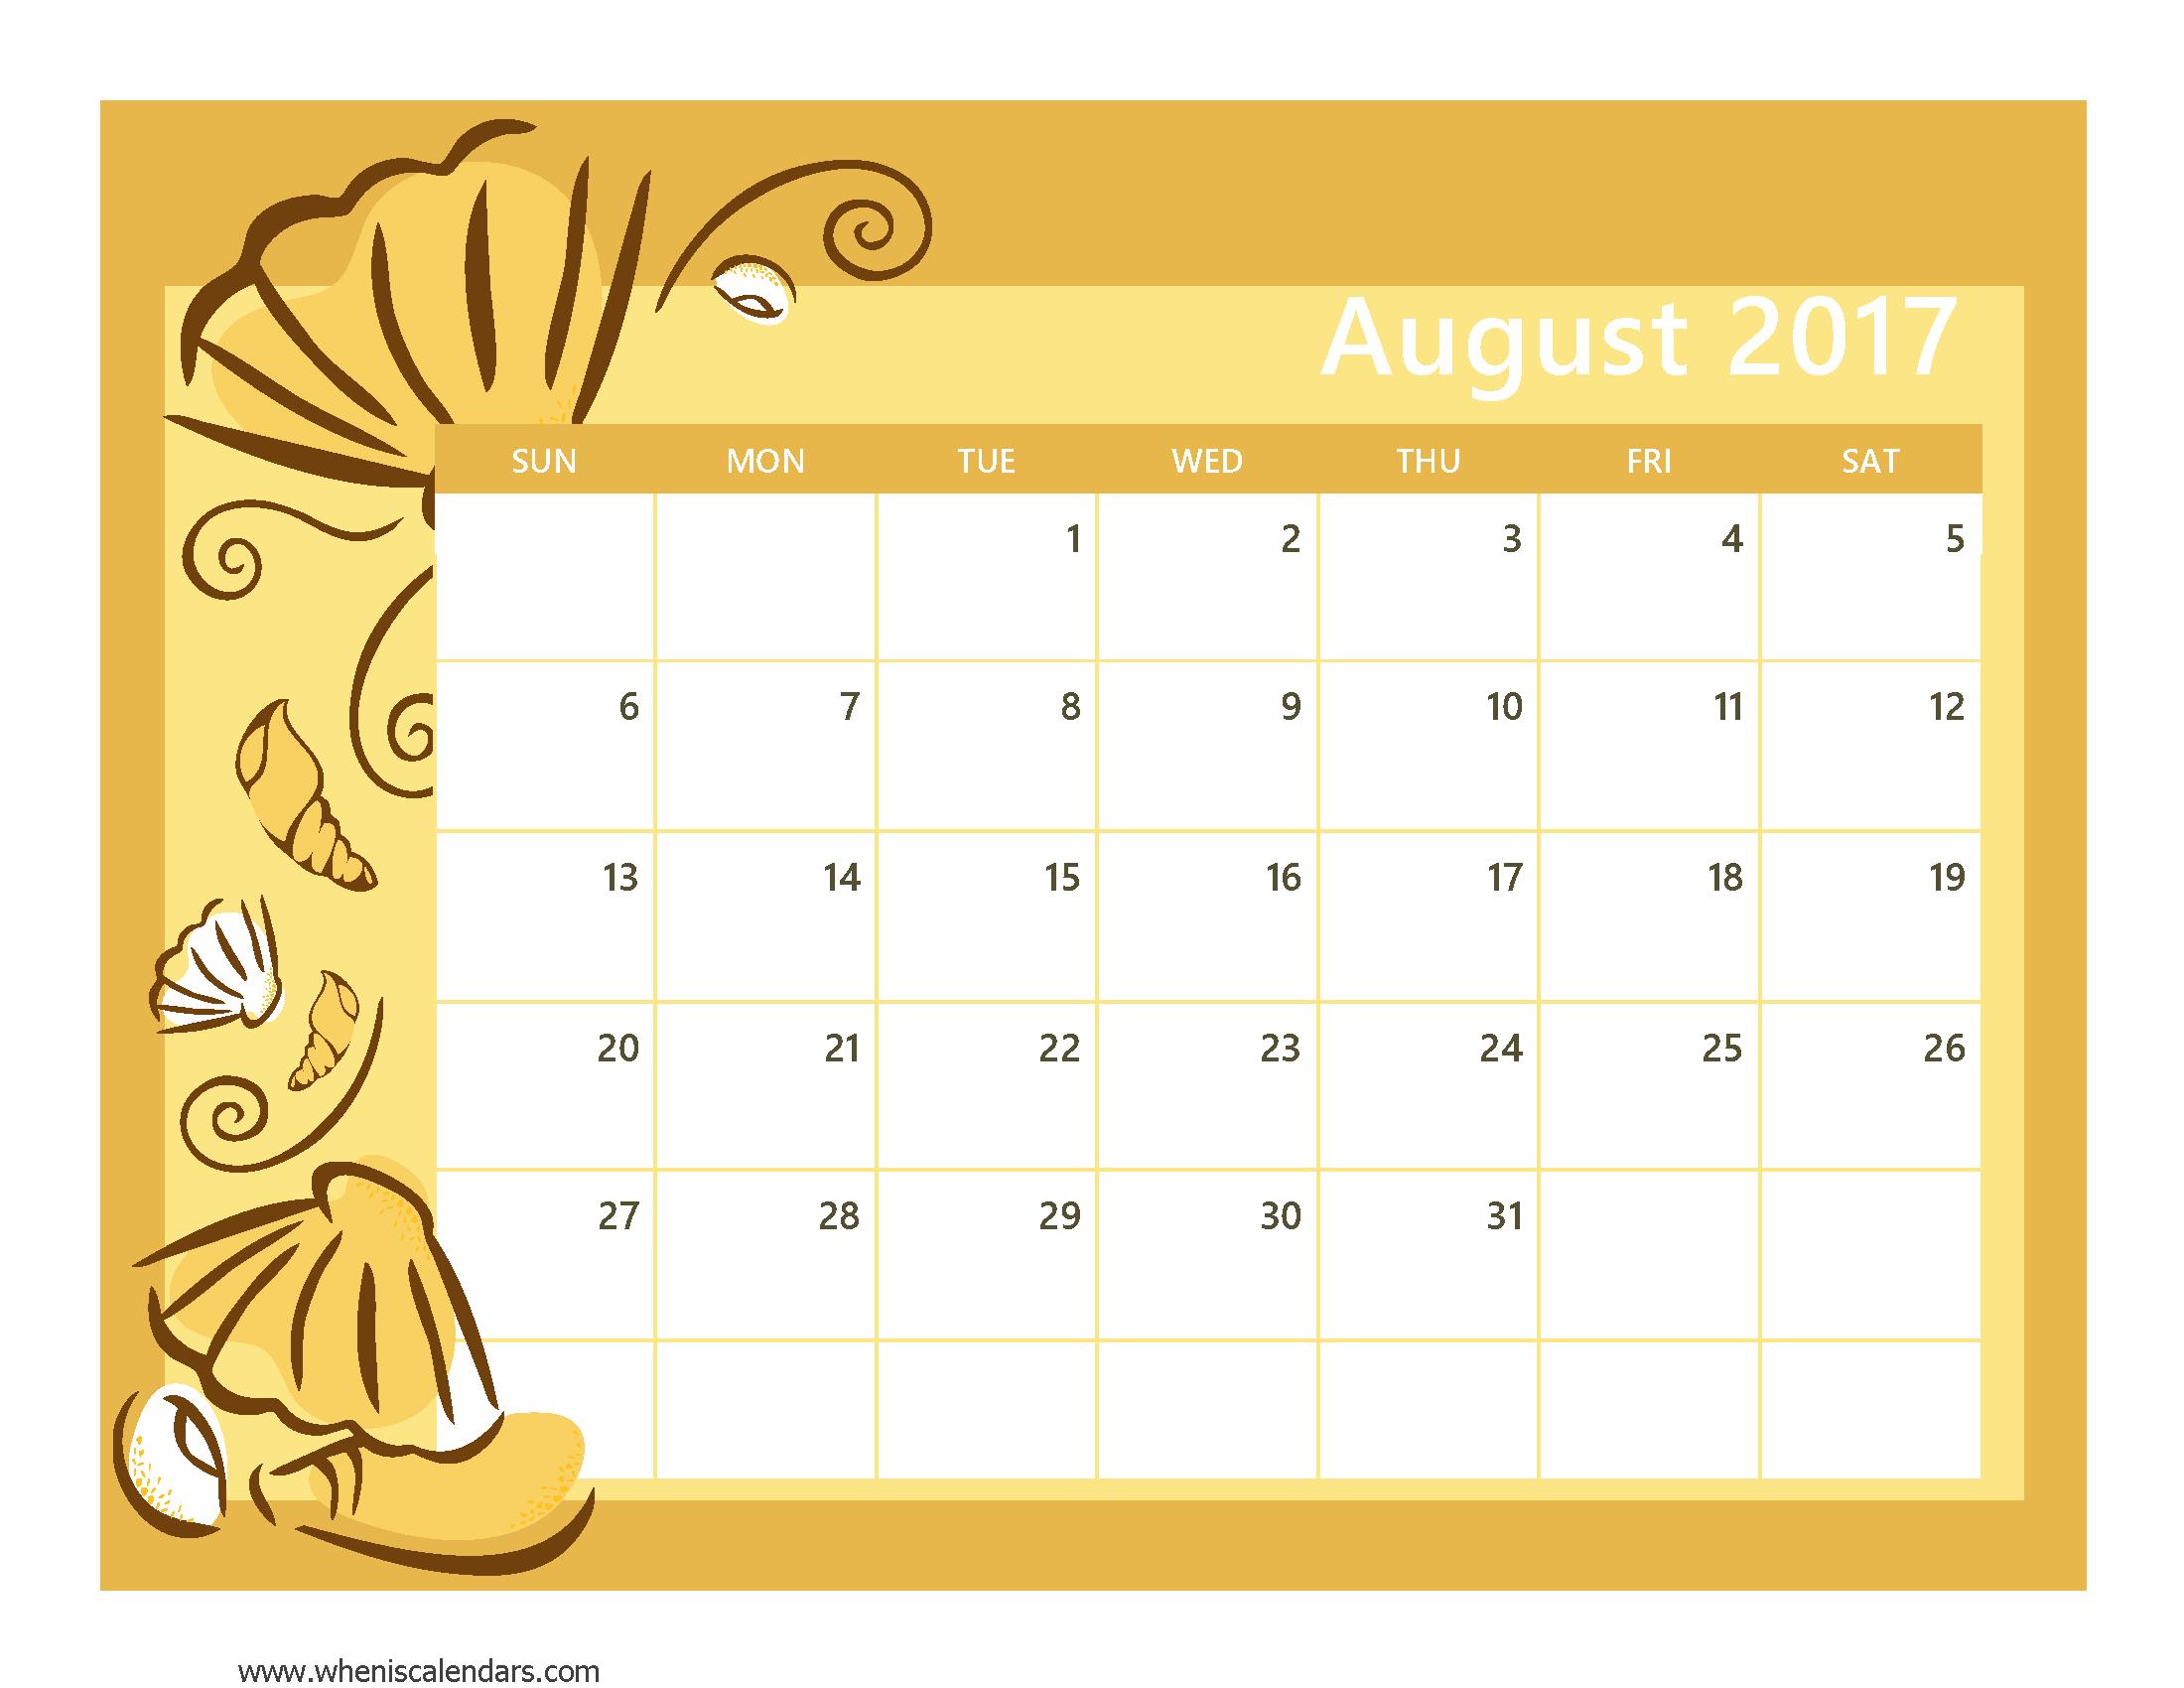 August 2017 Calendar Template | weekly calendar template